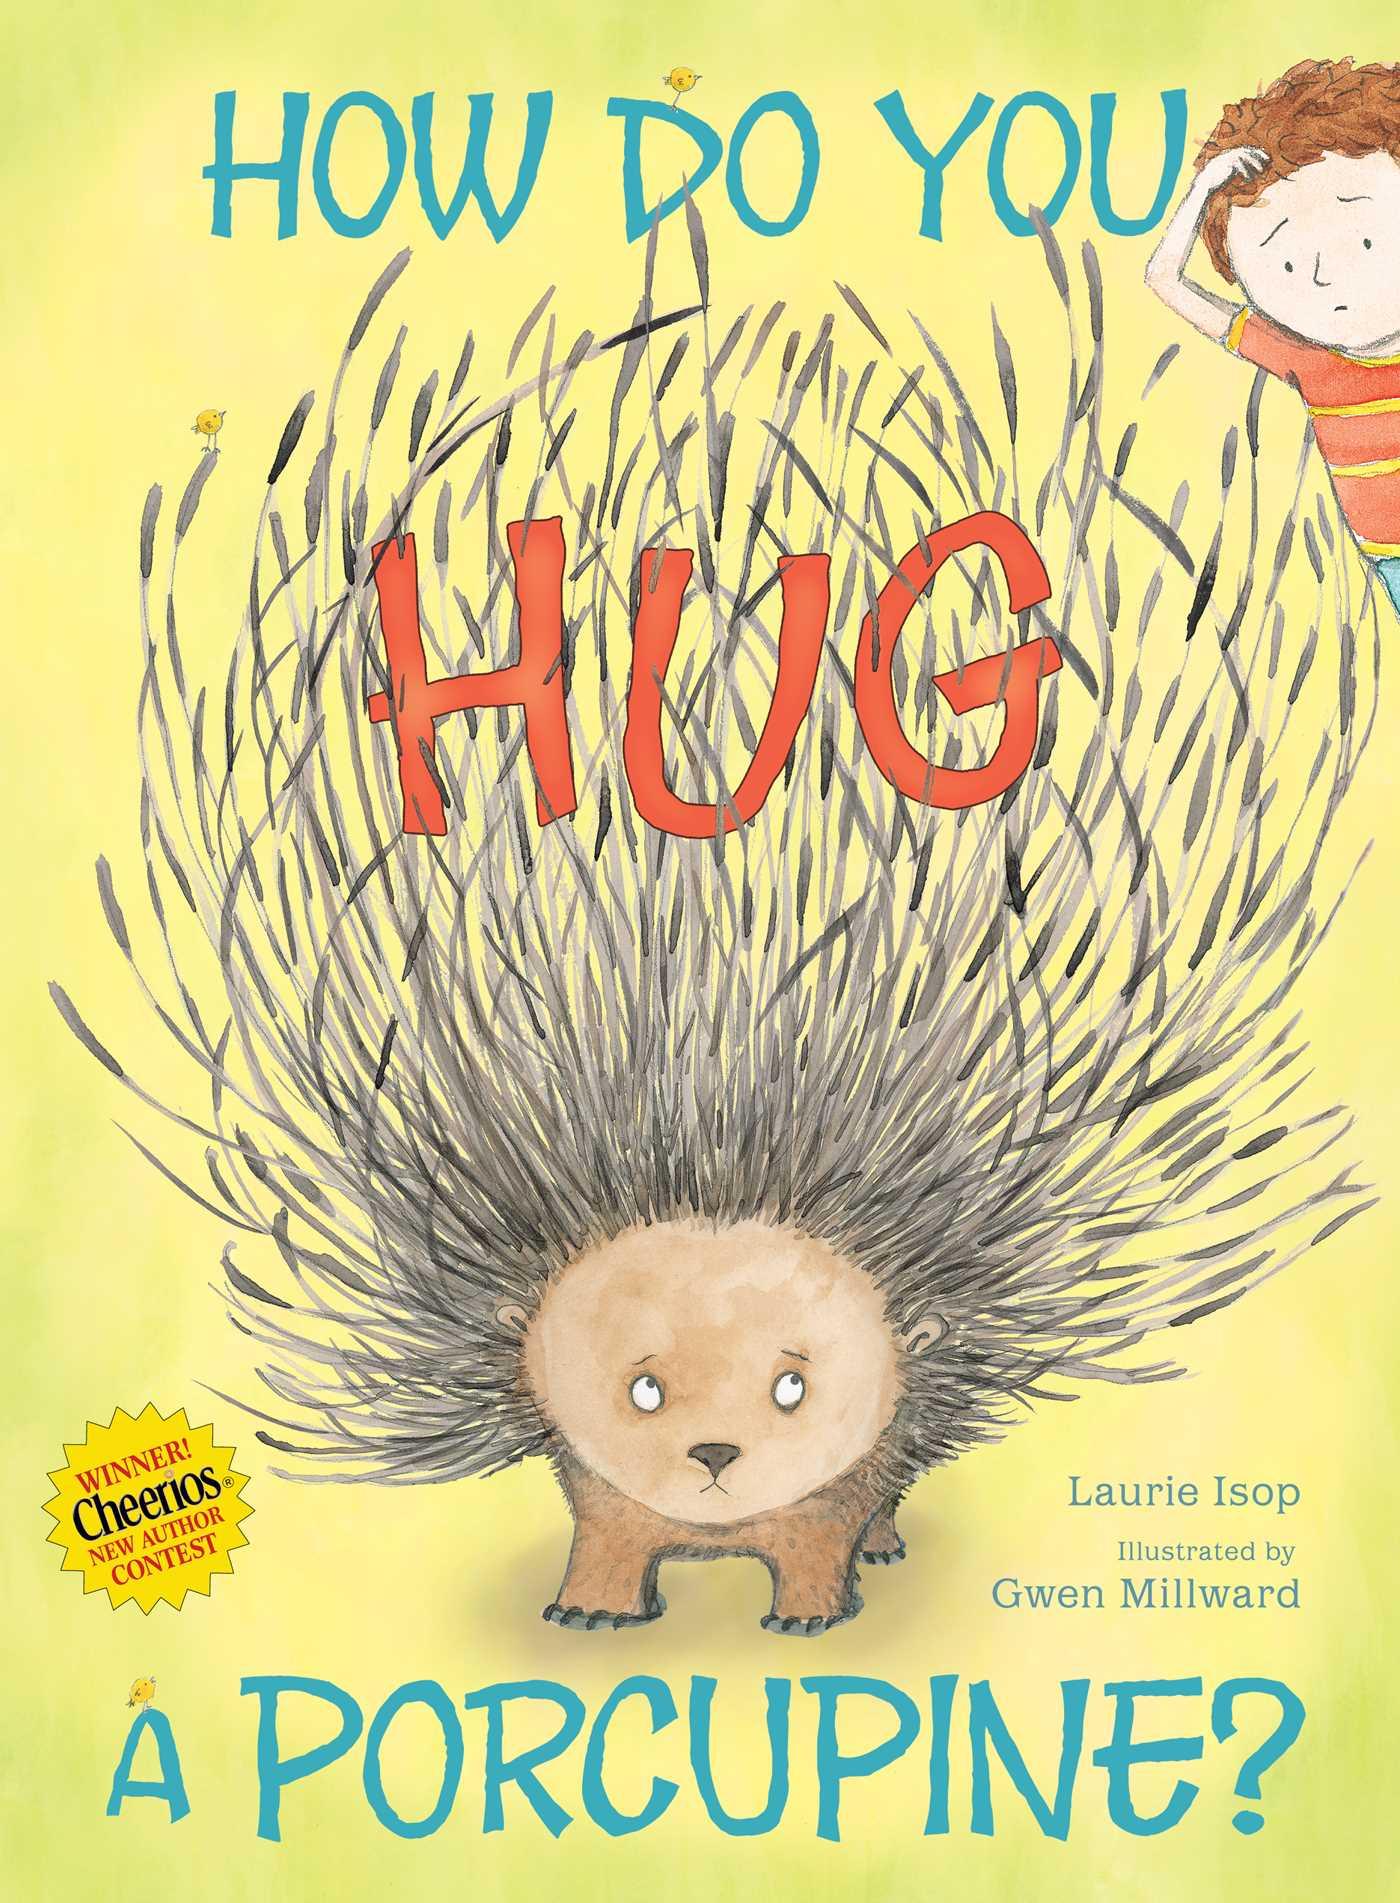 How do you hug a porcupine 9781442435575 hr